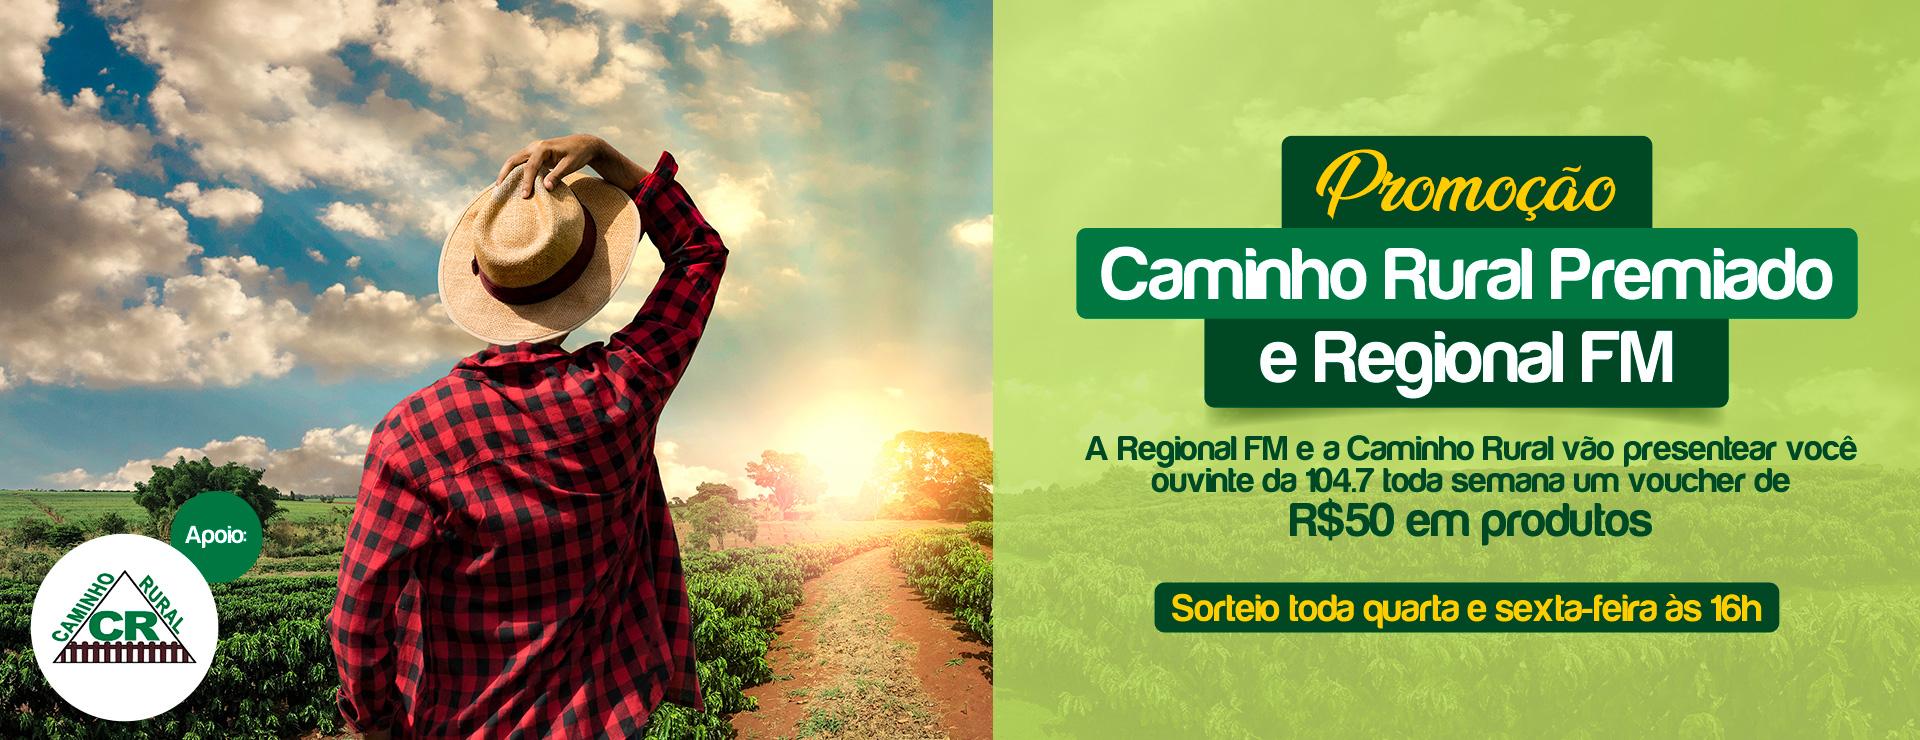 PROMOÇÃO CAMINHO RURAL PREMIADO REGIONAL FM